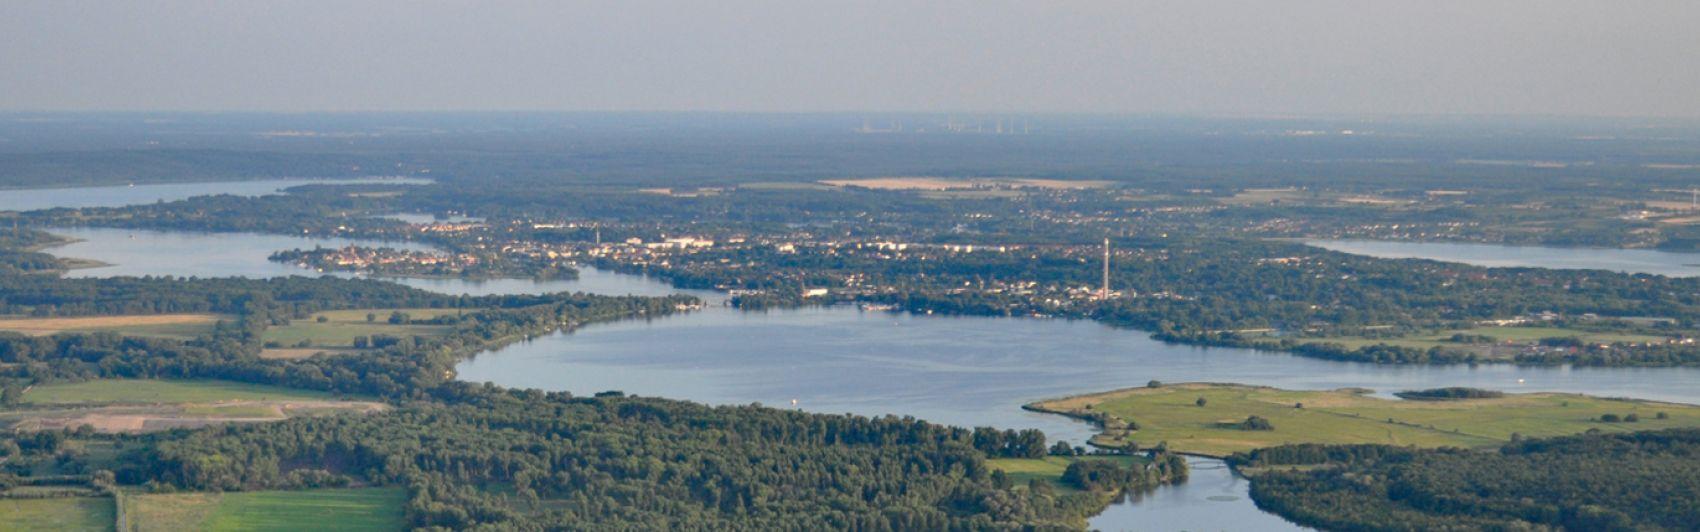 Luftbild, Brandenburg, Landschaft